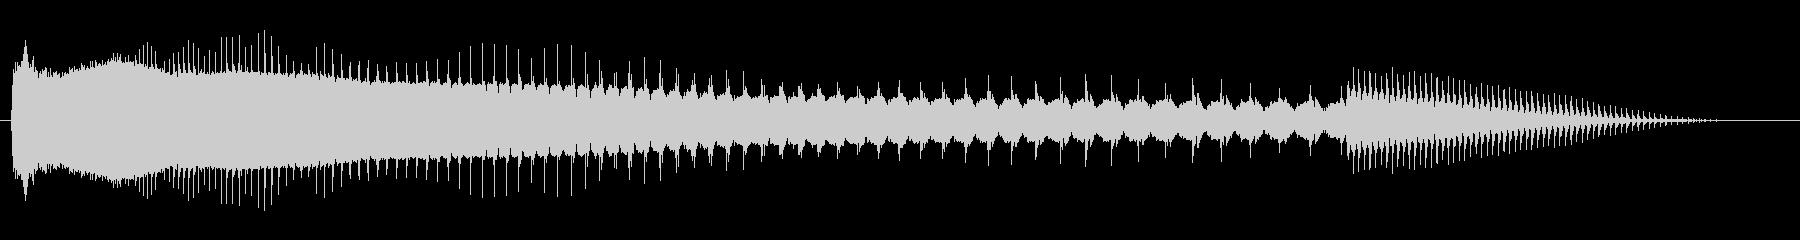 ロングサイバートーンスイープオフ1の未再生の波形